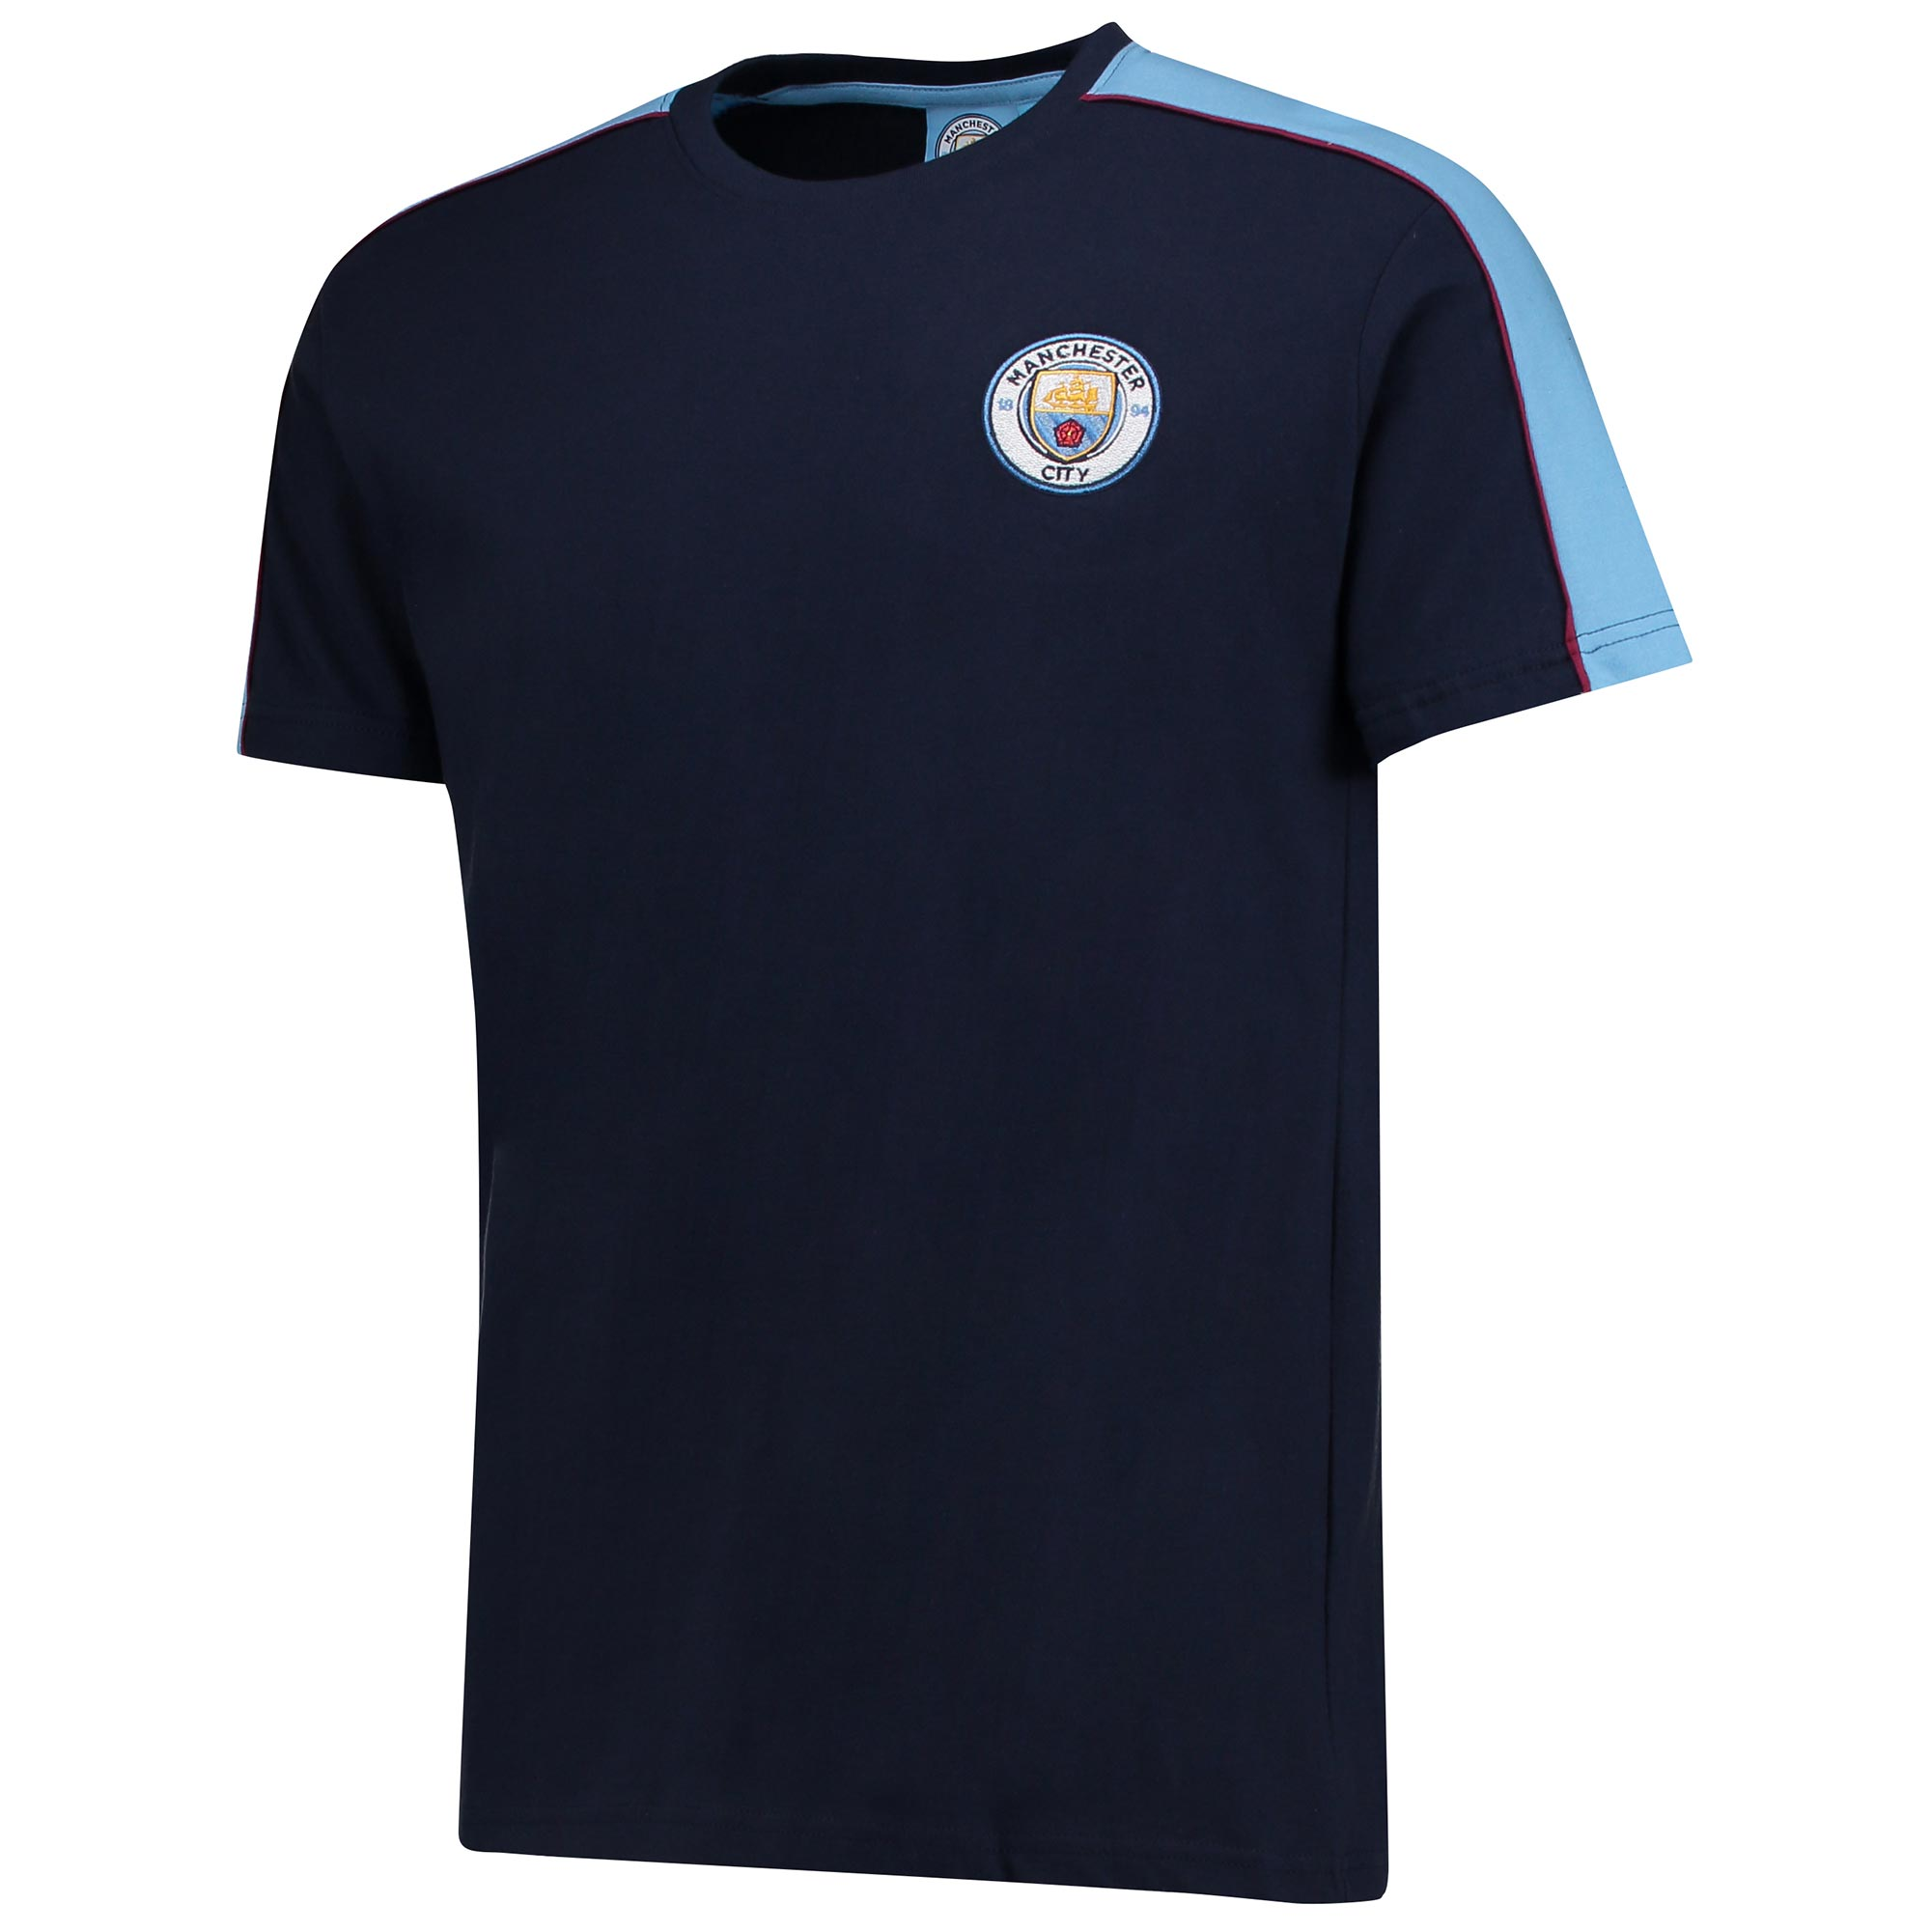 Manchester City T-Shirt - Navy